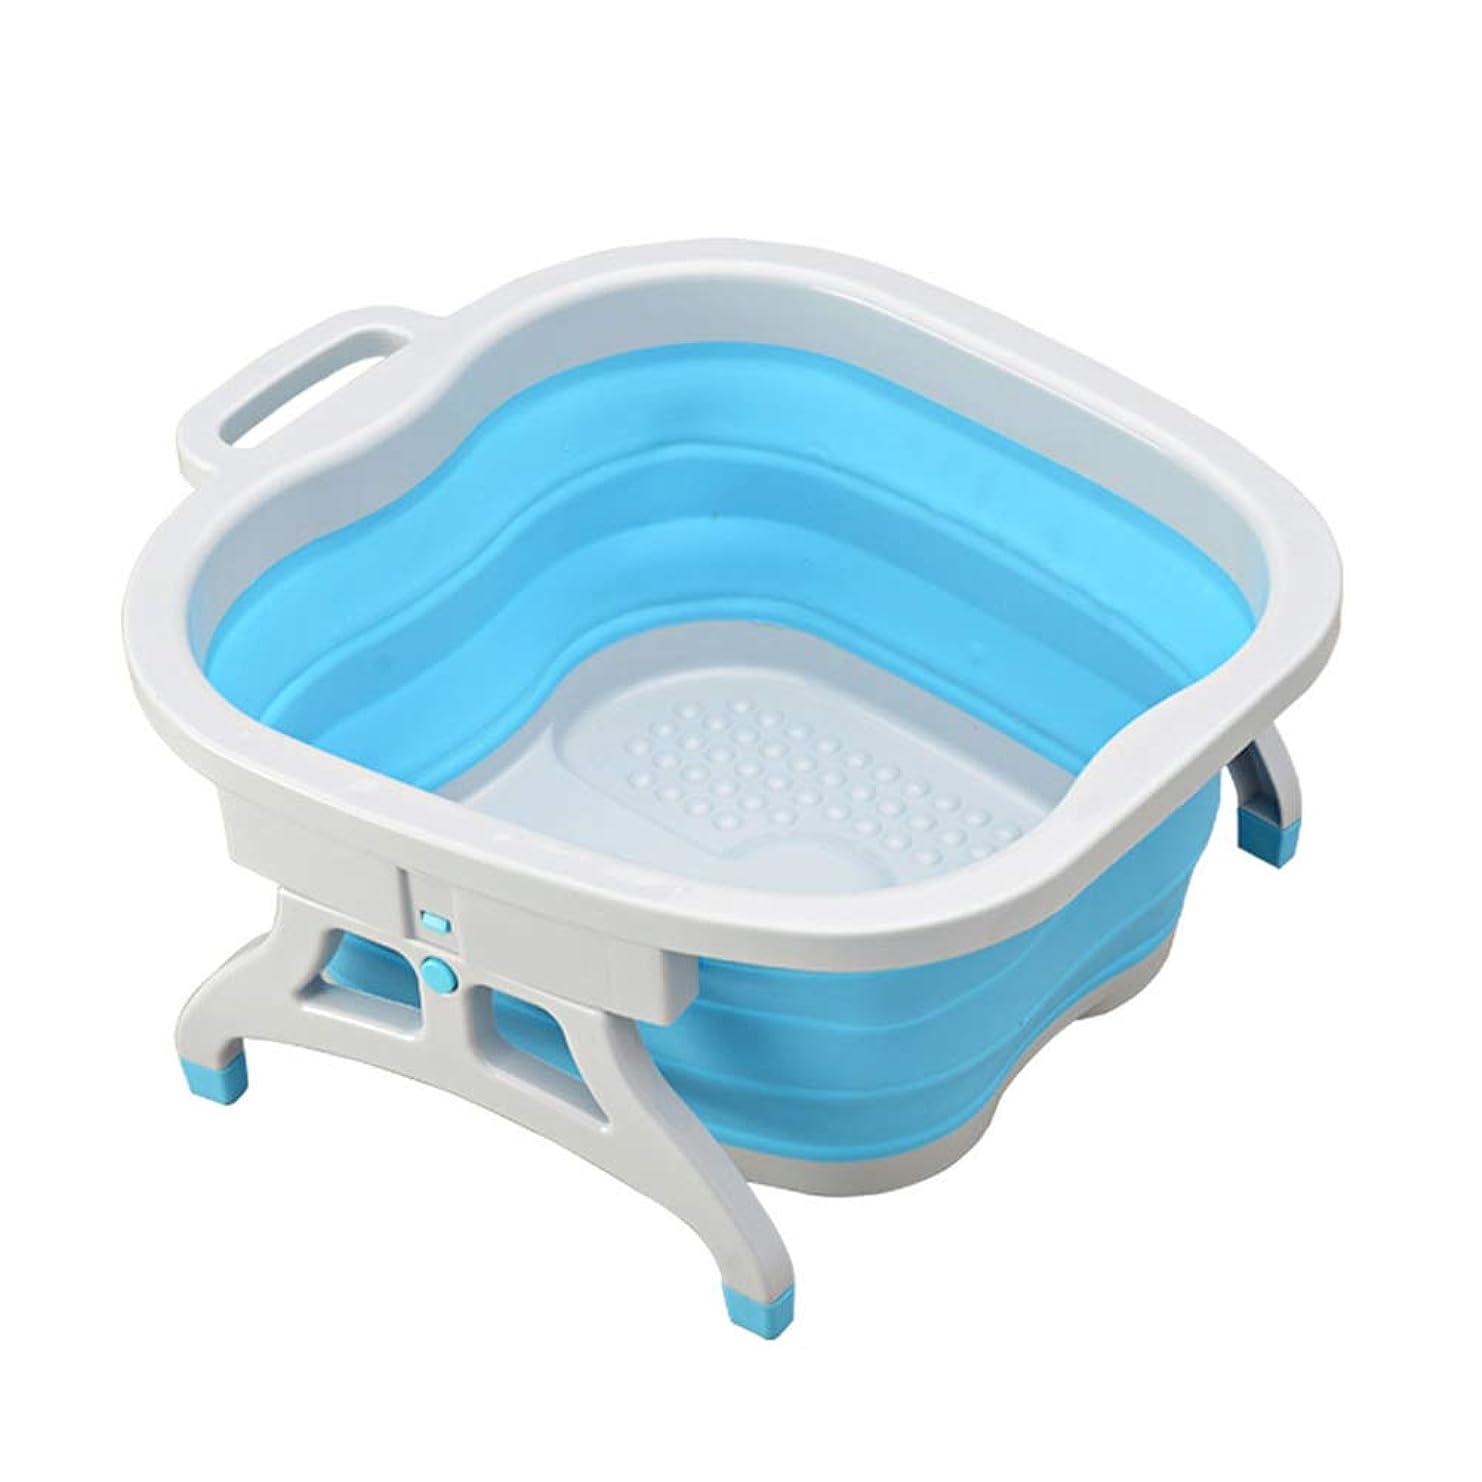 お母さんドーム水星フットバス バケツ 折りたたみ フットバス 足湯 バケツ 足浴器 電気不要 (ブルー)